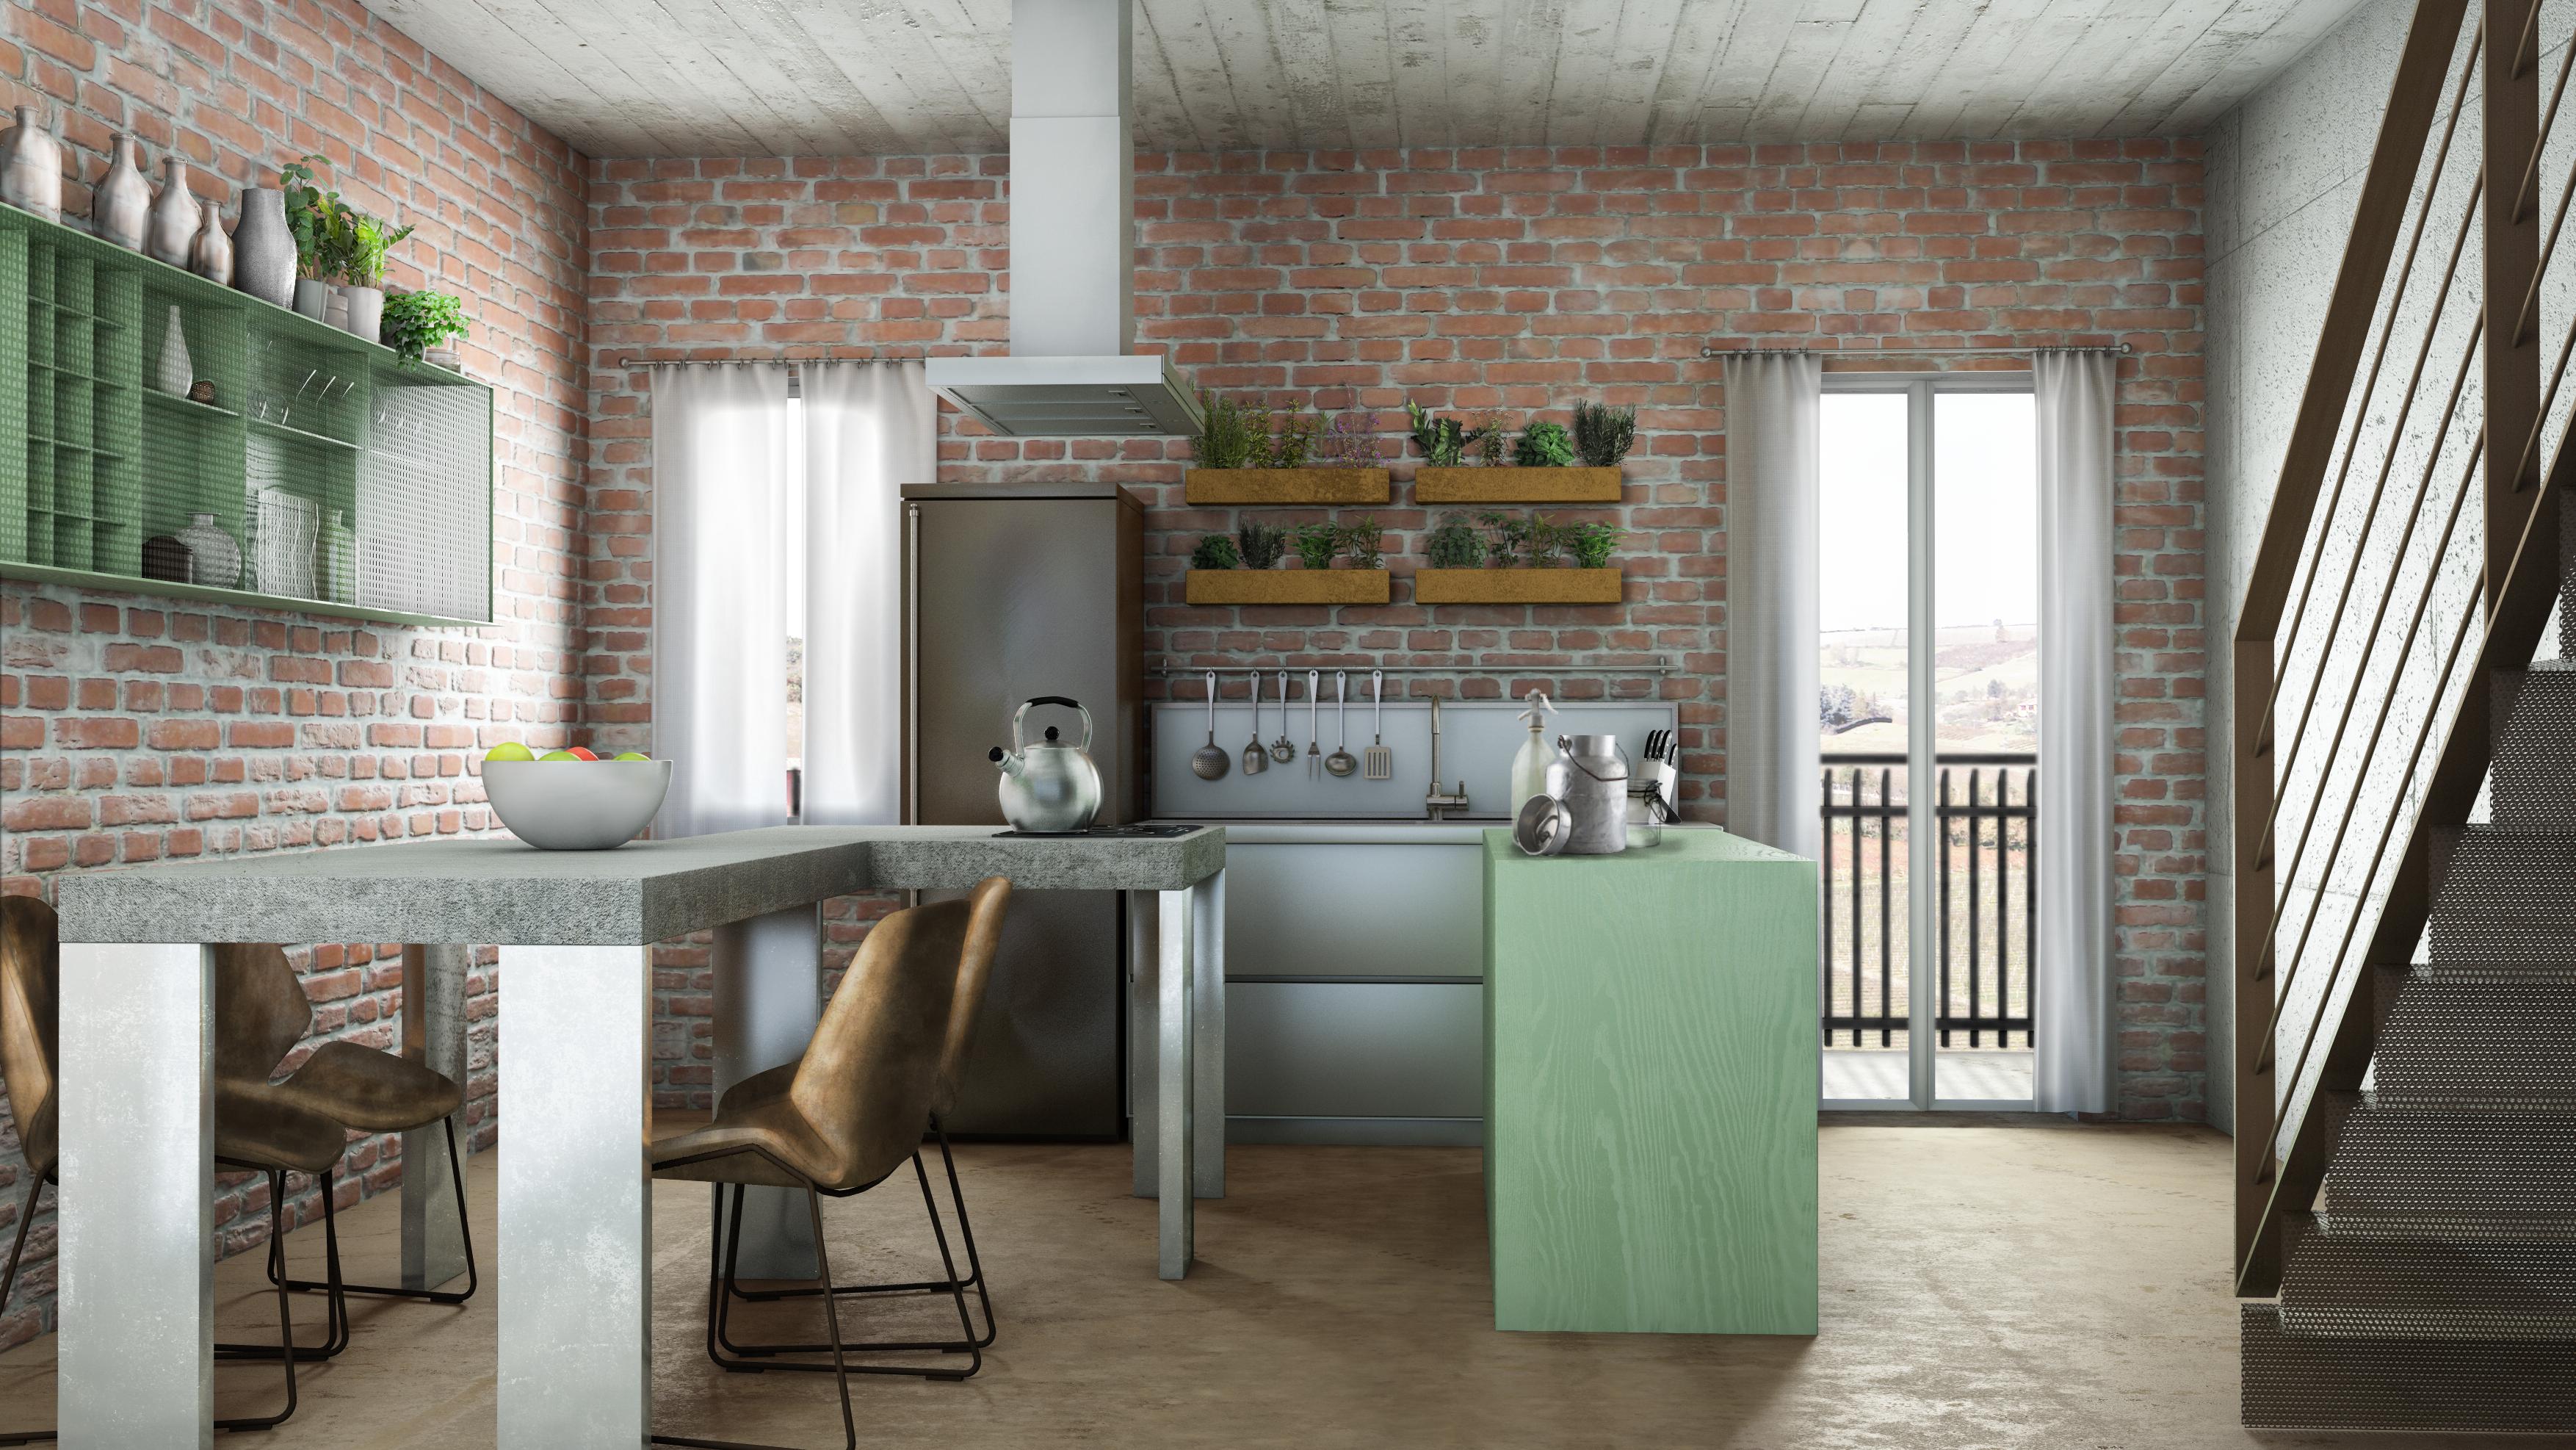 Best Progetto Cucina Soggiorno Contemporary - Home Ideas - tyger.us